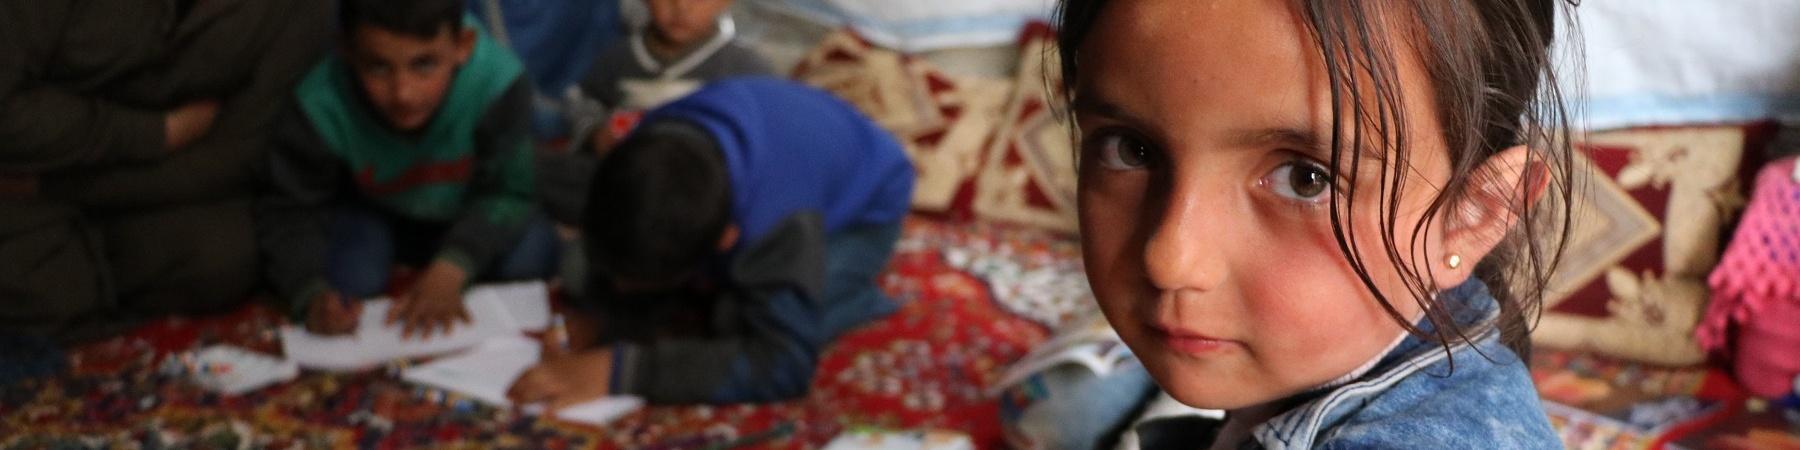 bambina seduta su un tappeto guarda in camera, sullo sfondo altri bambini